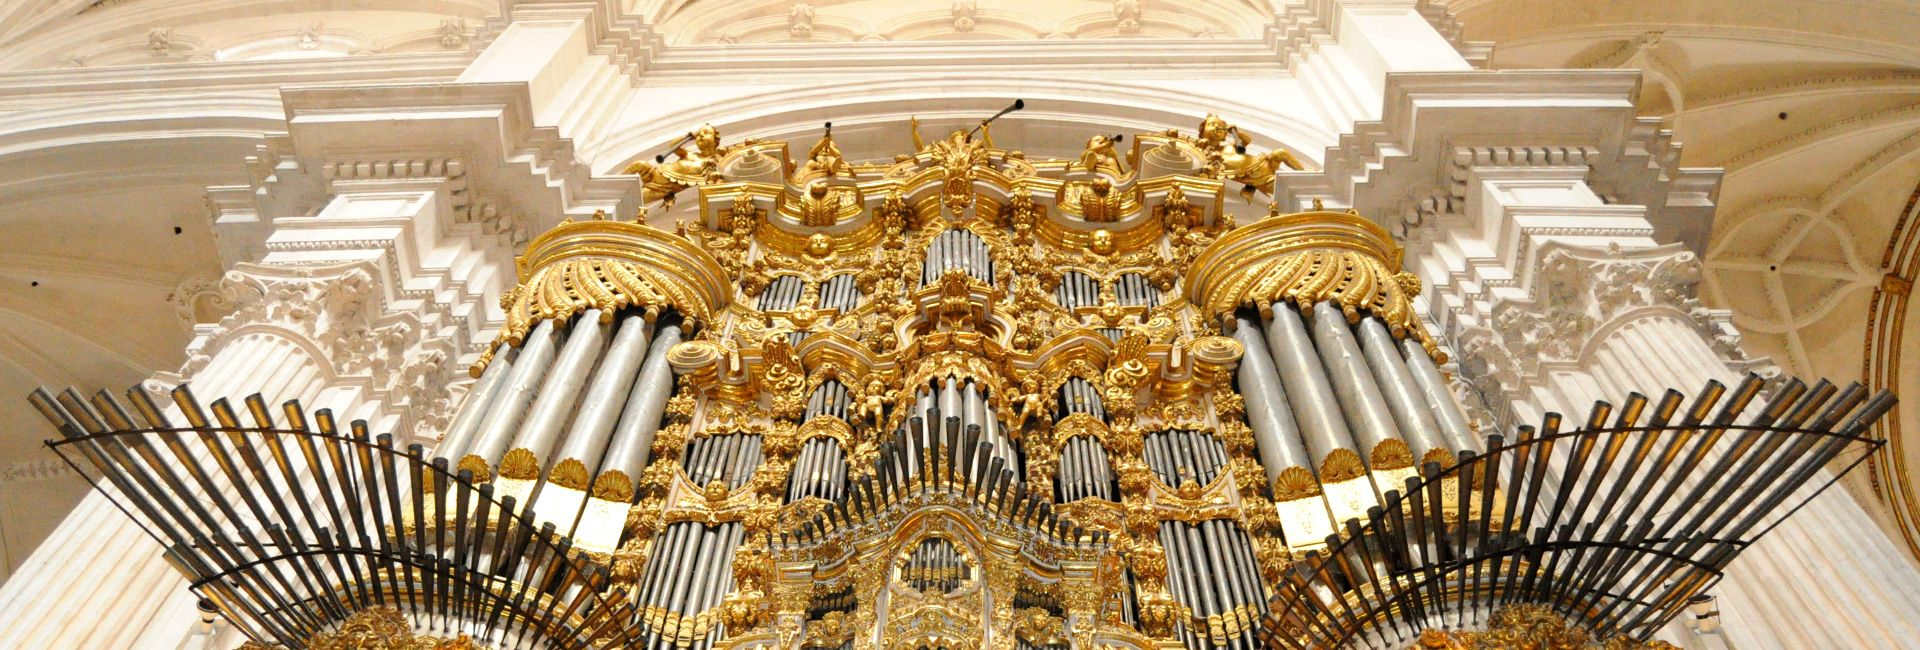 La Comisión Provincial de Patrimonio aprueba la restauración del órgano de la Epístola de la Catedral